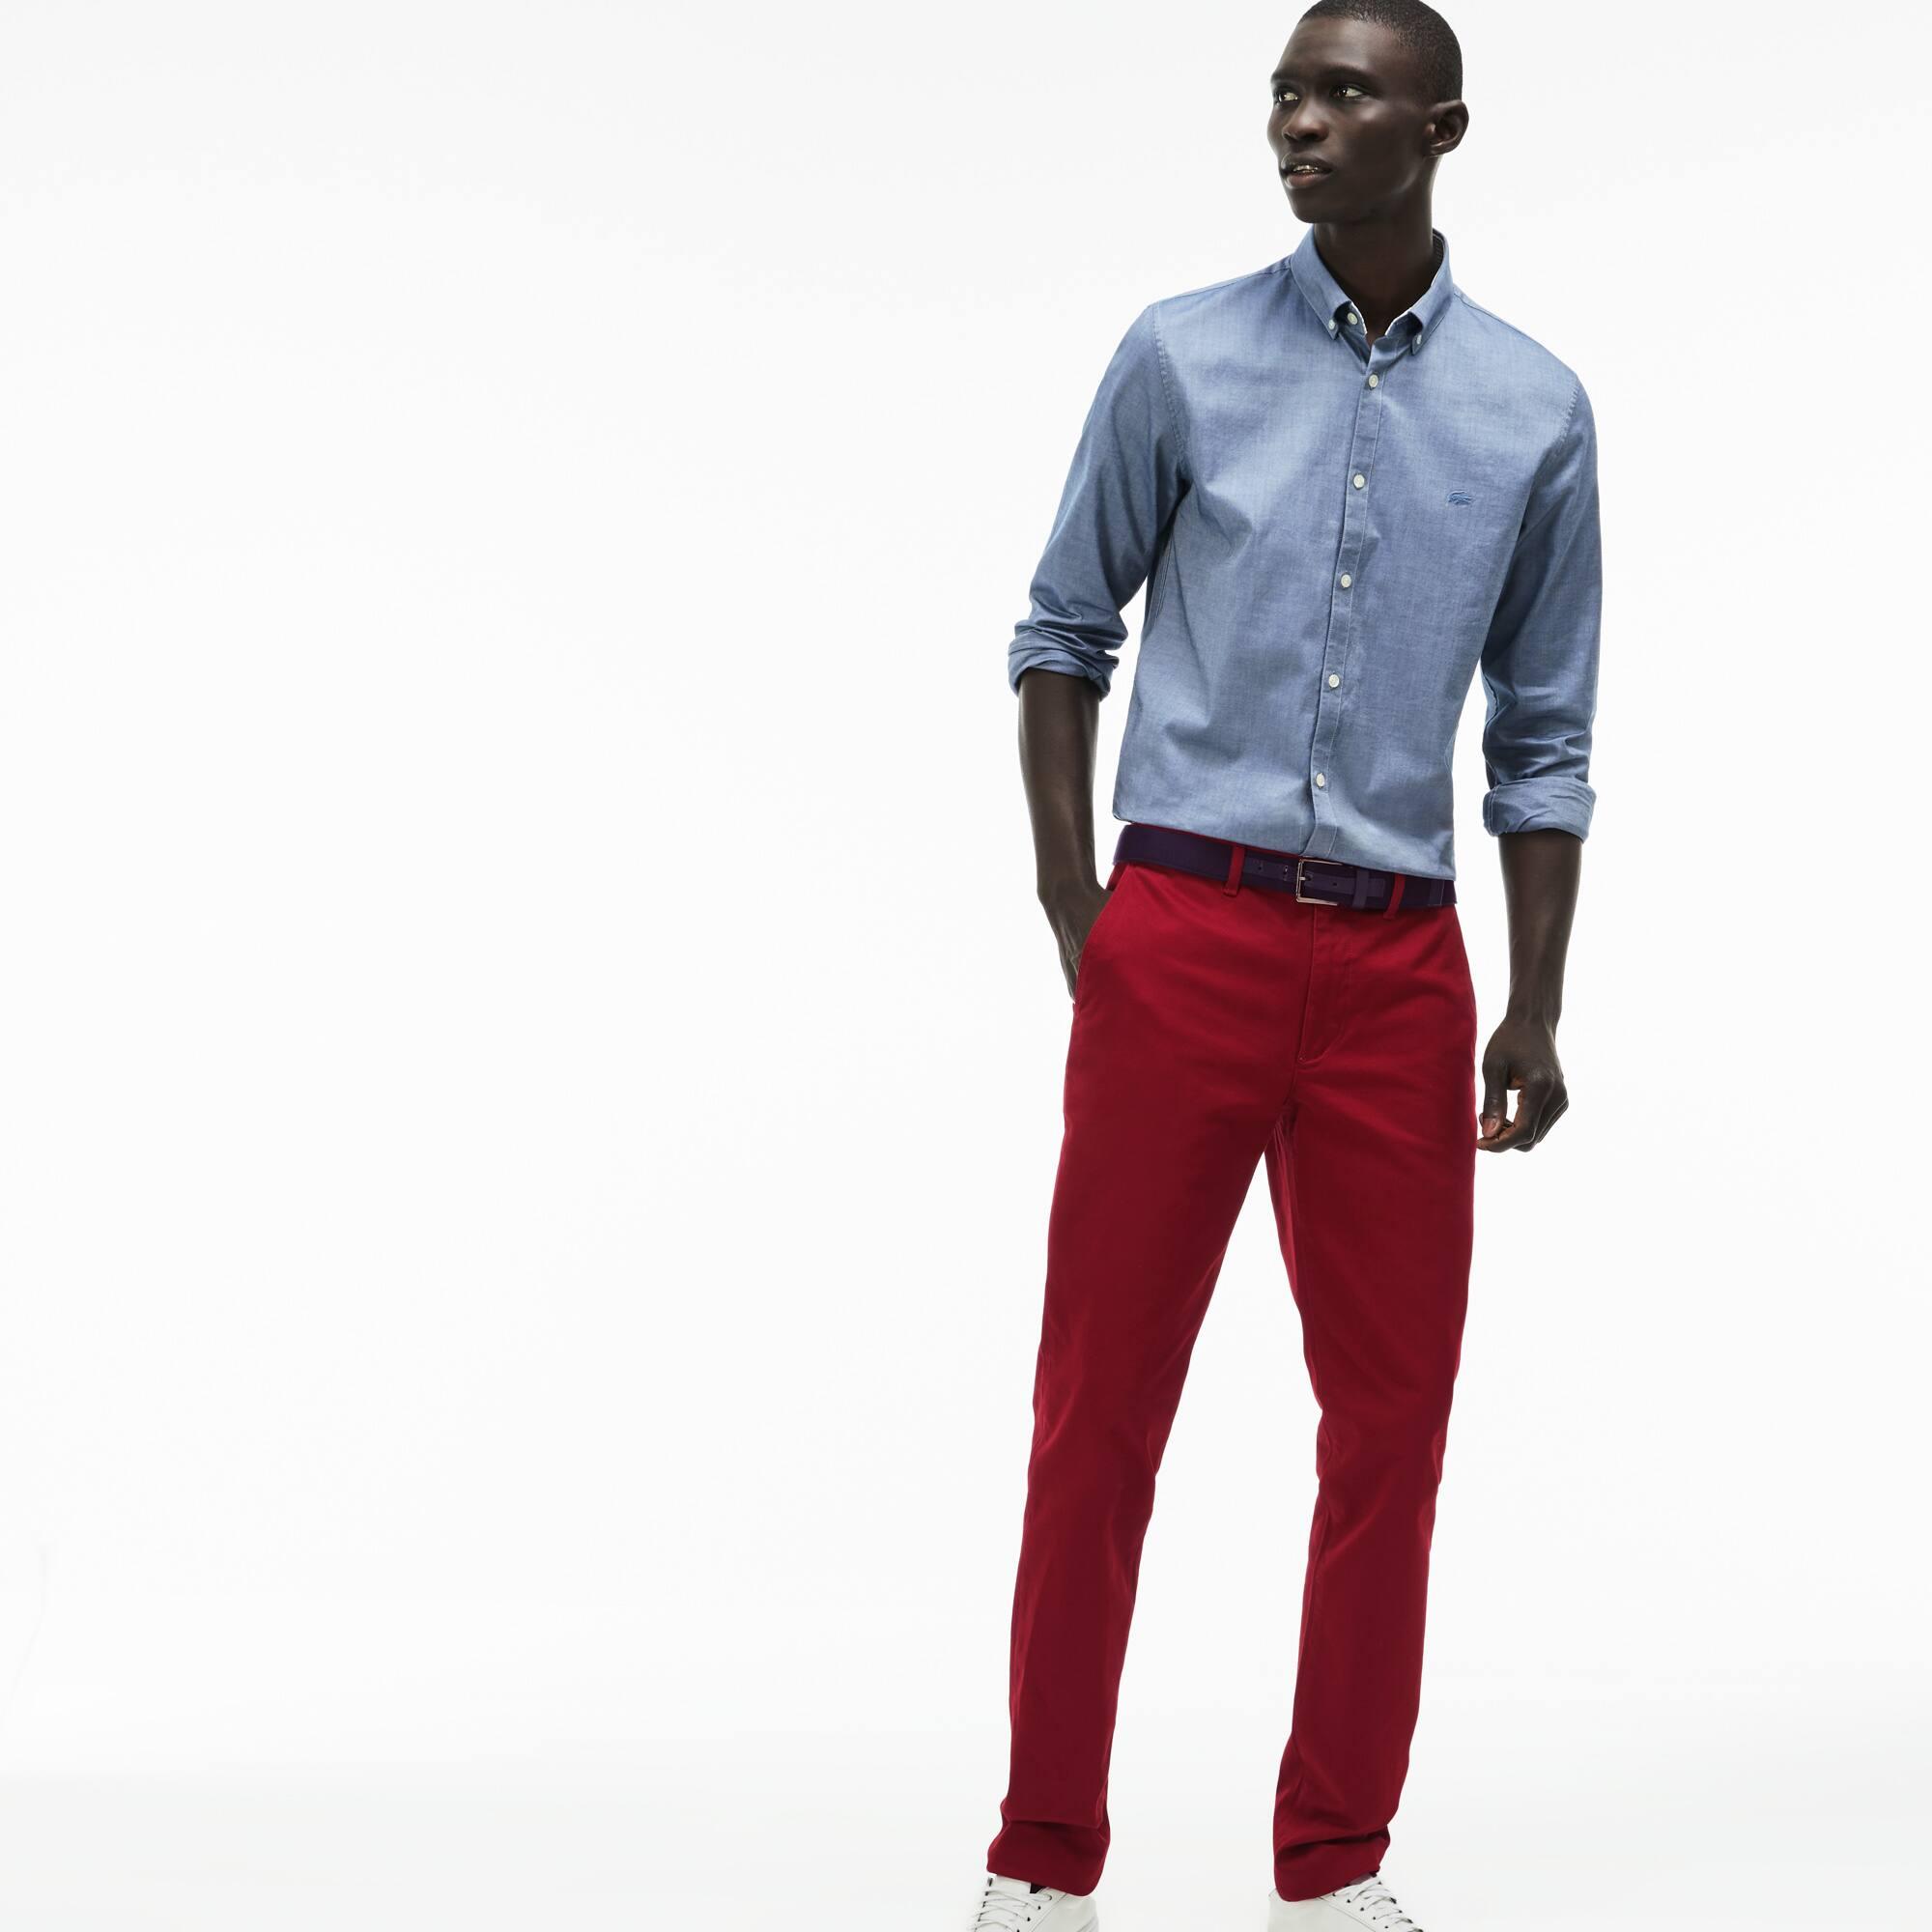 Pantalon chino slim fit en twill de coton Pima stretch uni